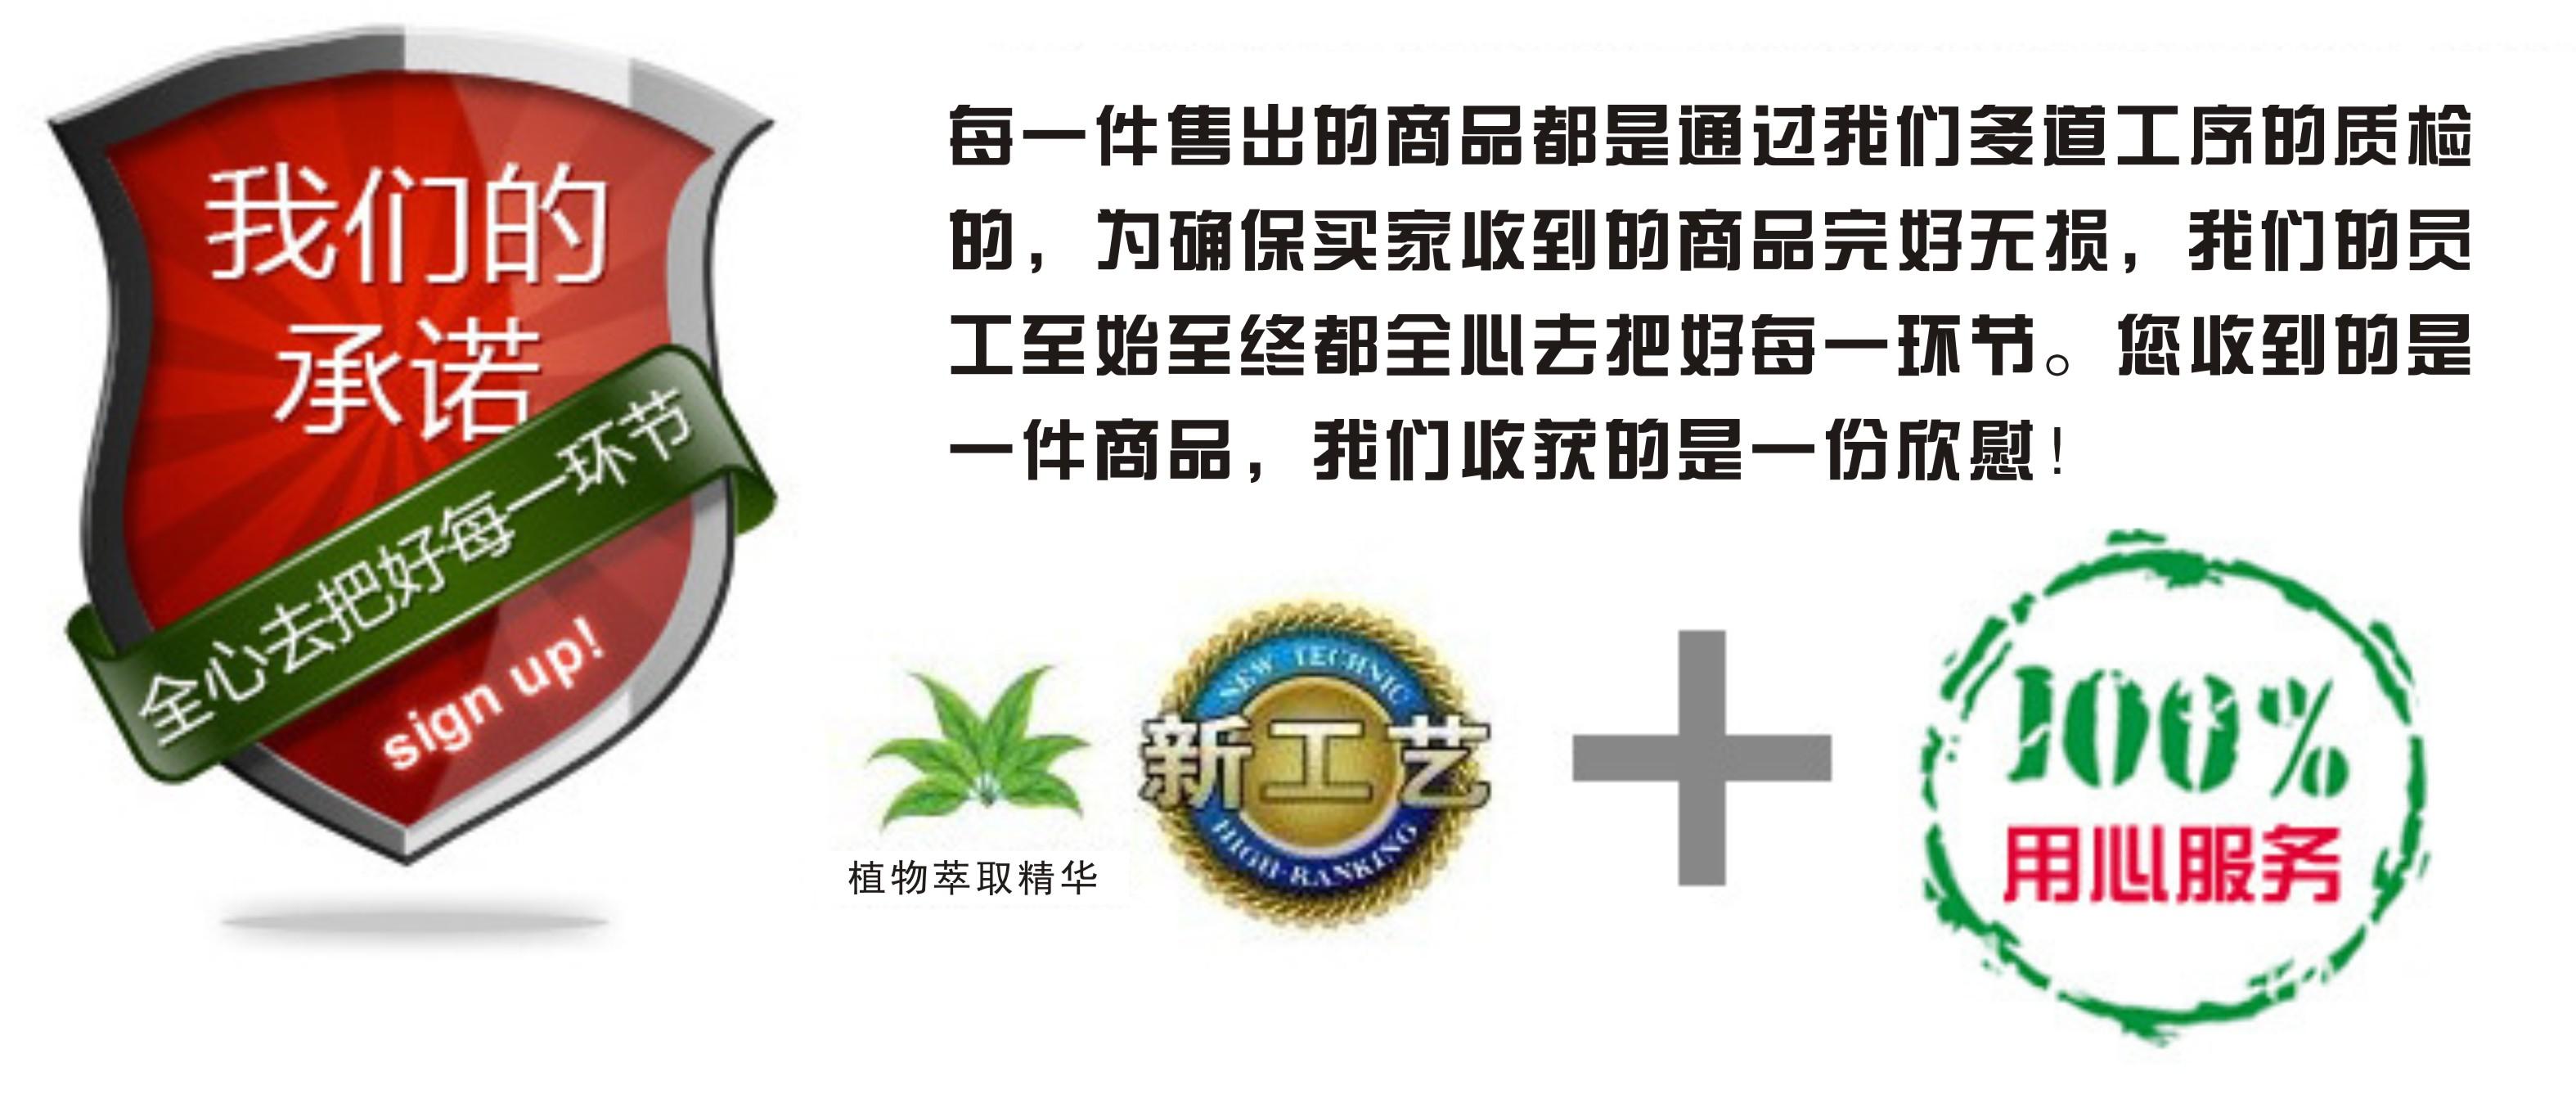 黃精提取物/植提廠家直銷示例圖10